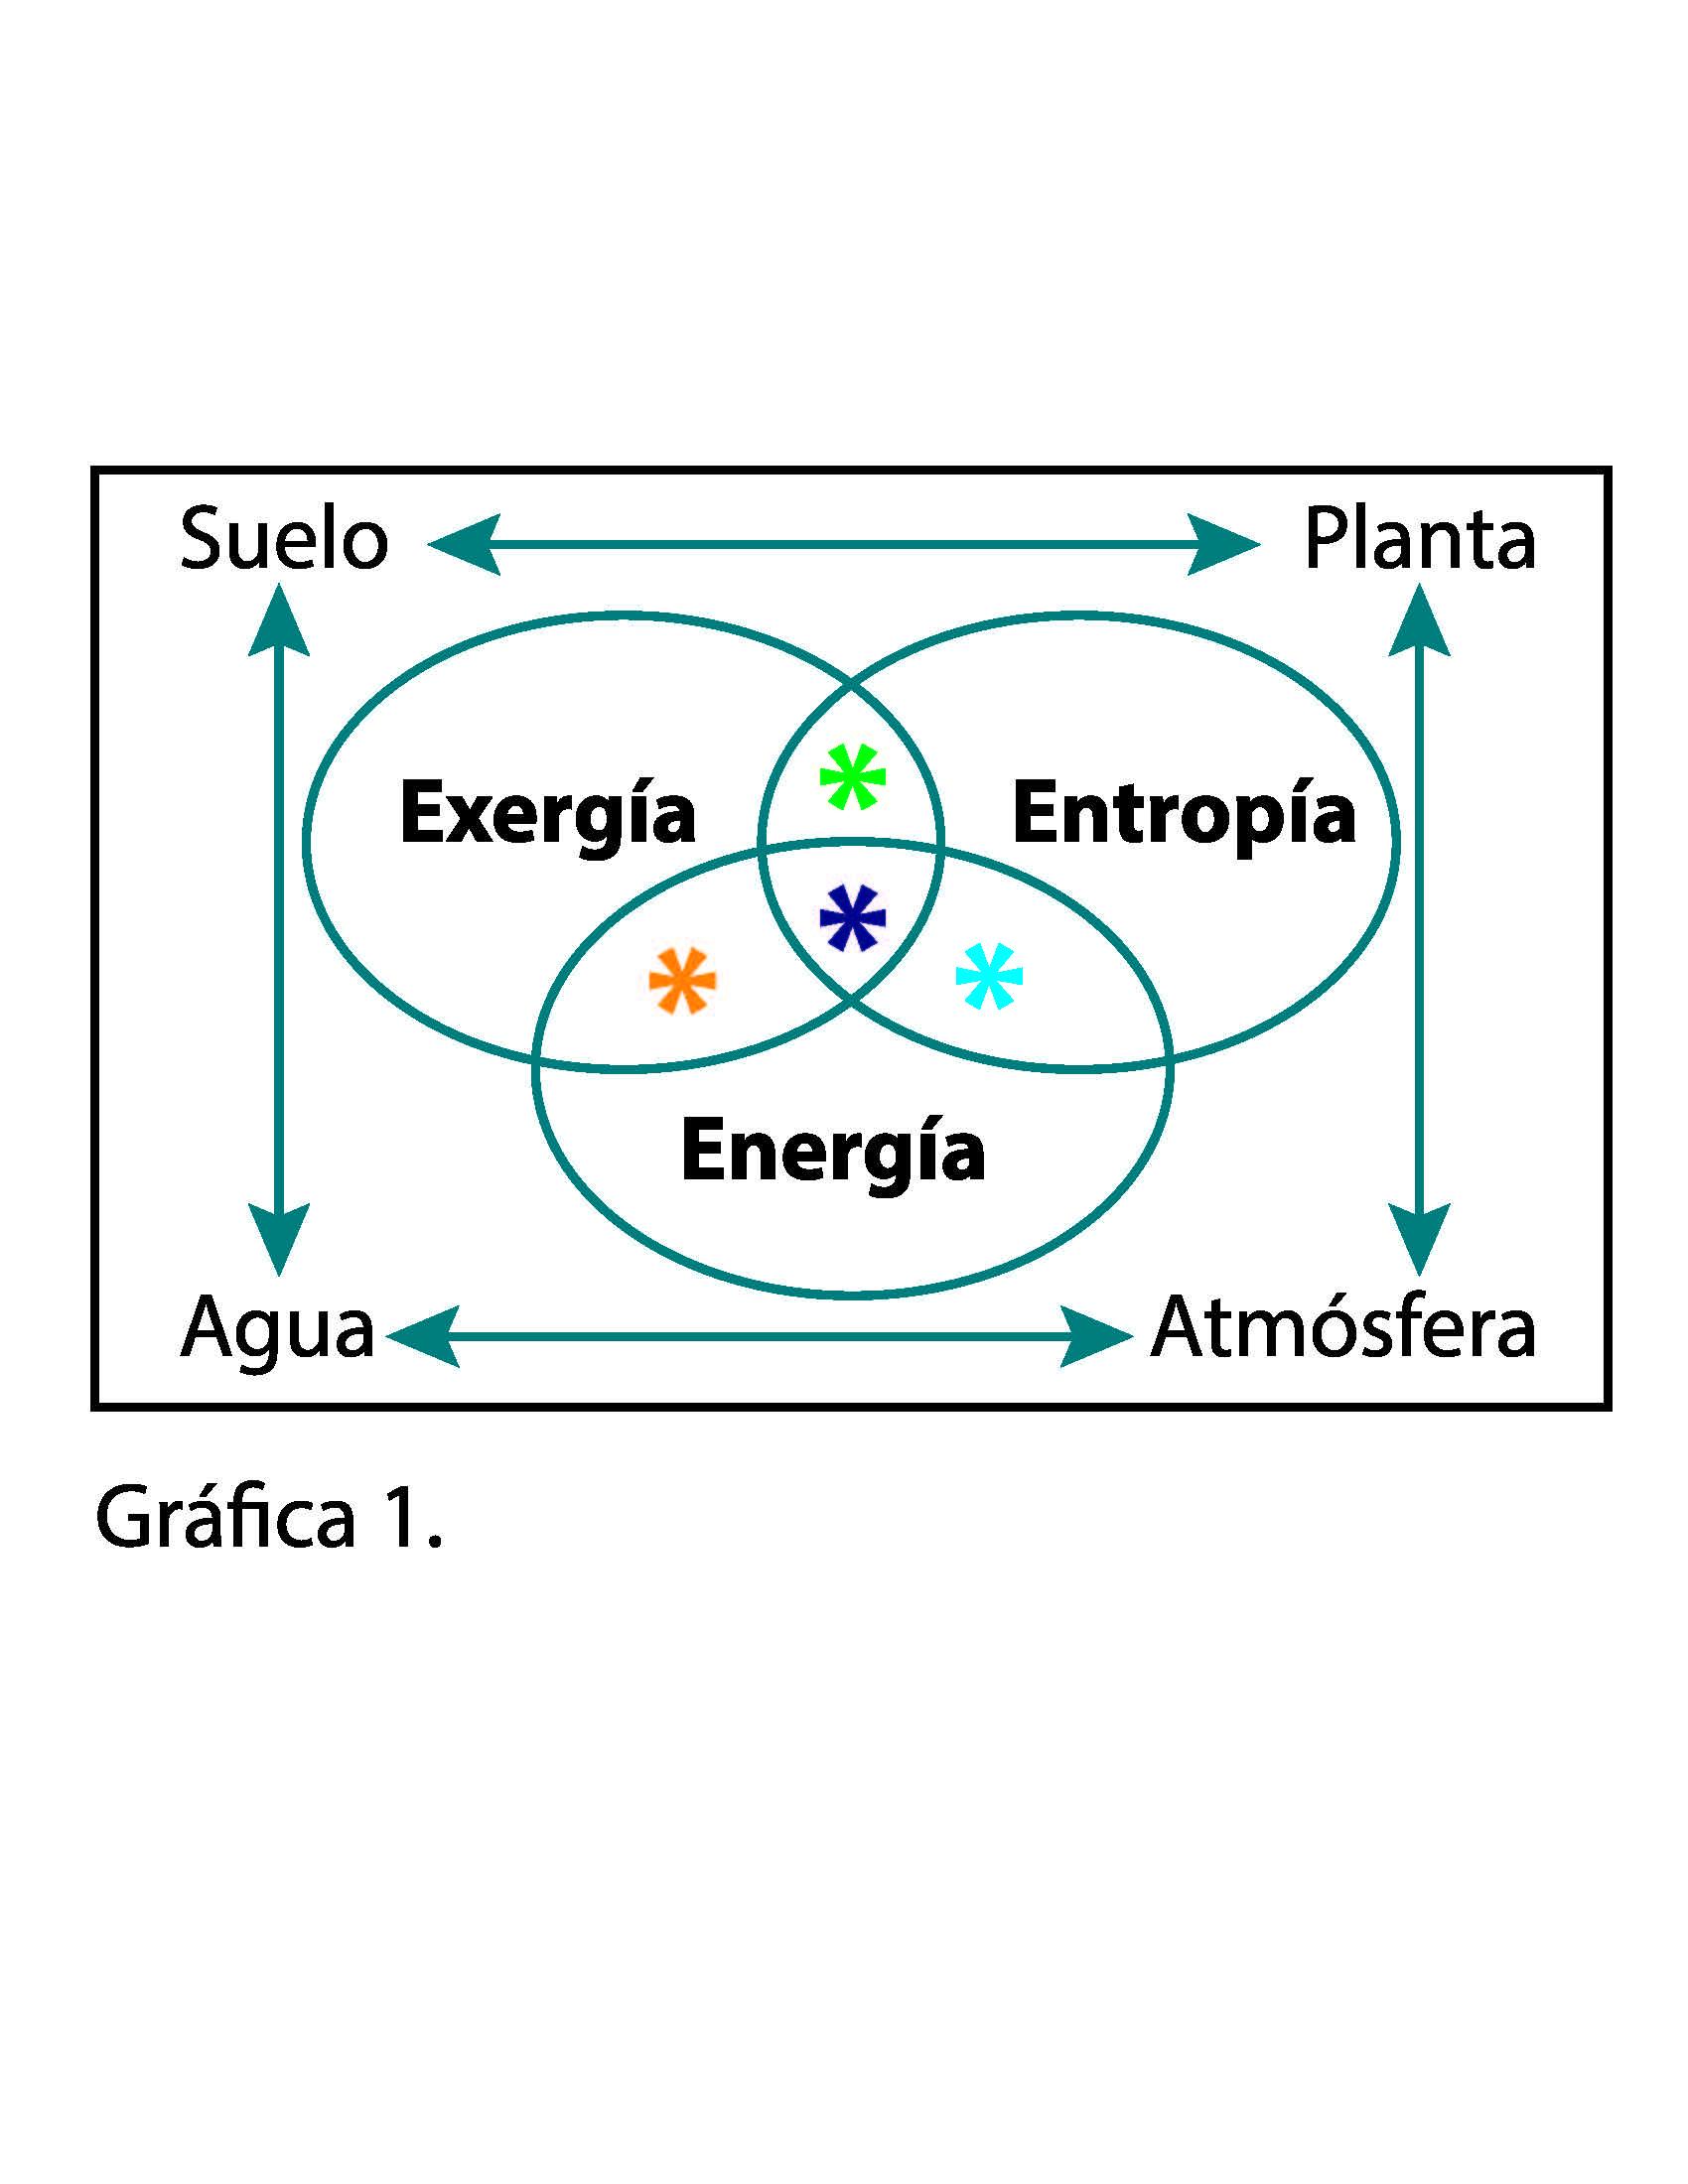 Energía, Entropía y Exergía: Nutrir en función del trabajo ejercido por la planta - Hortalizas